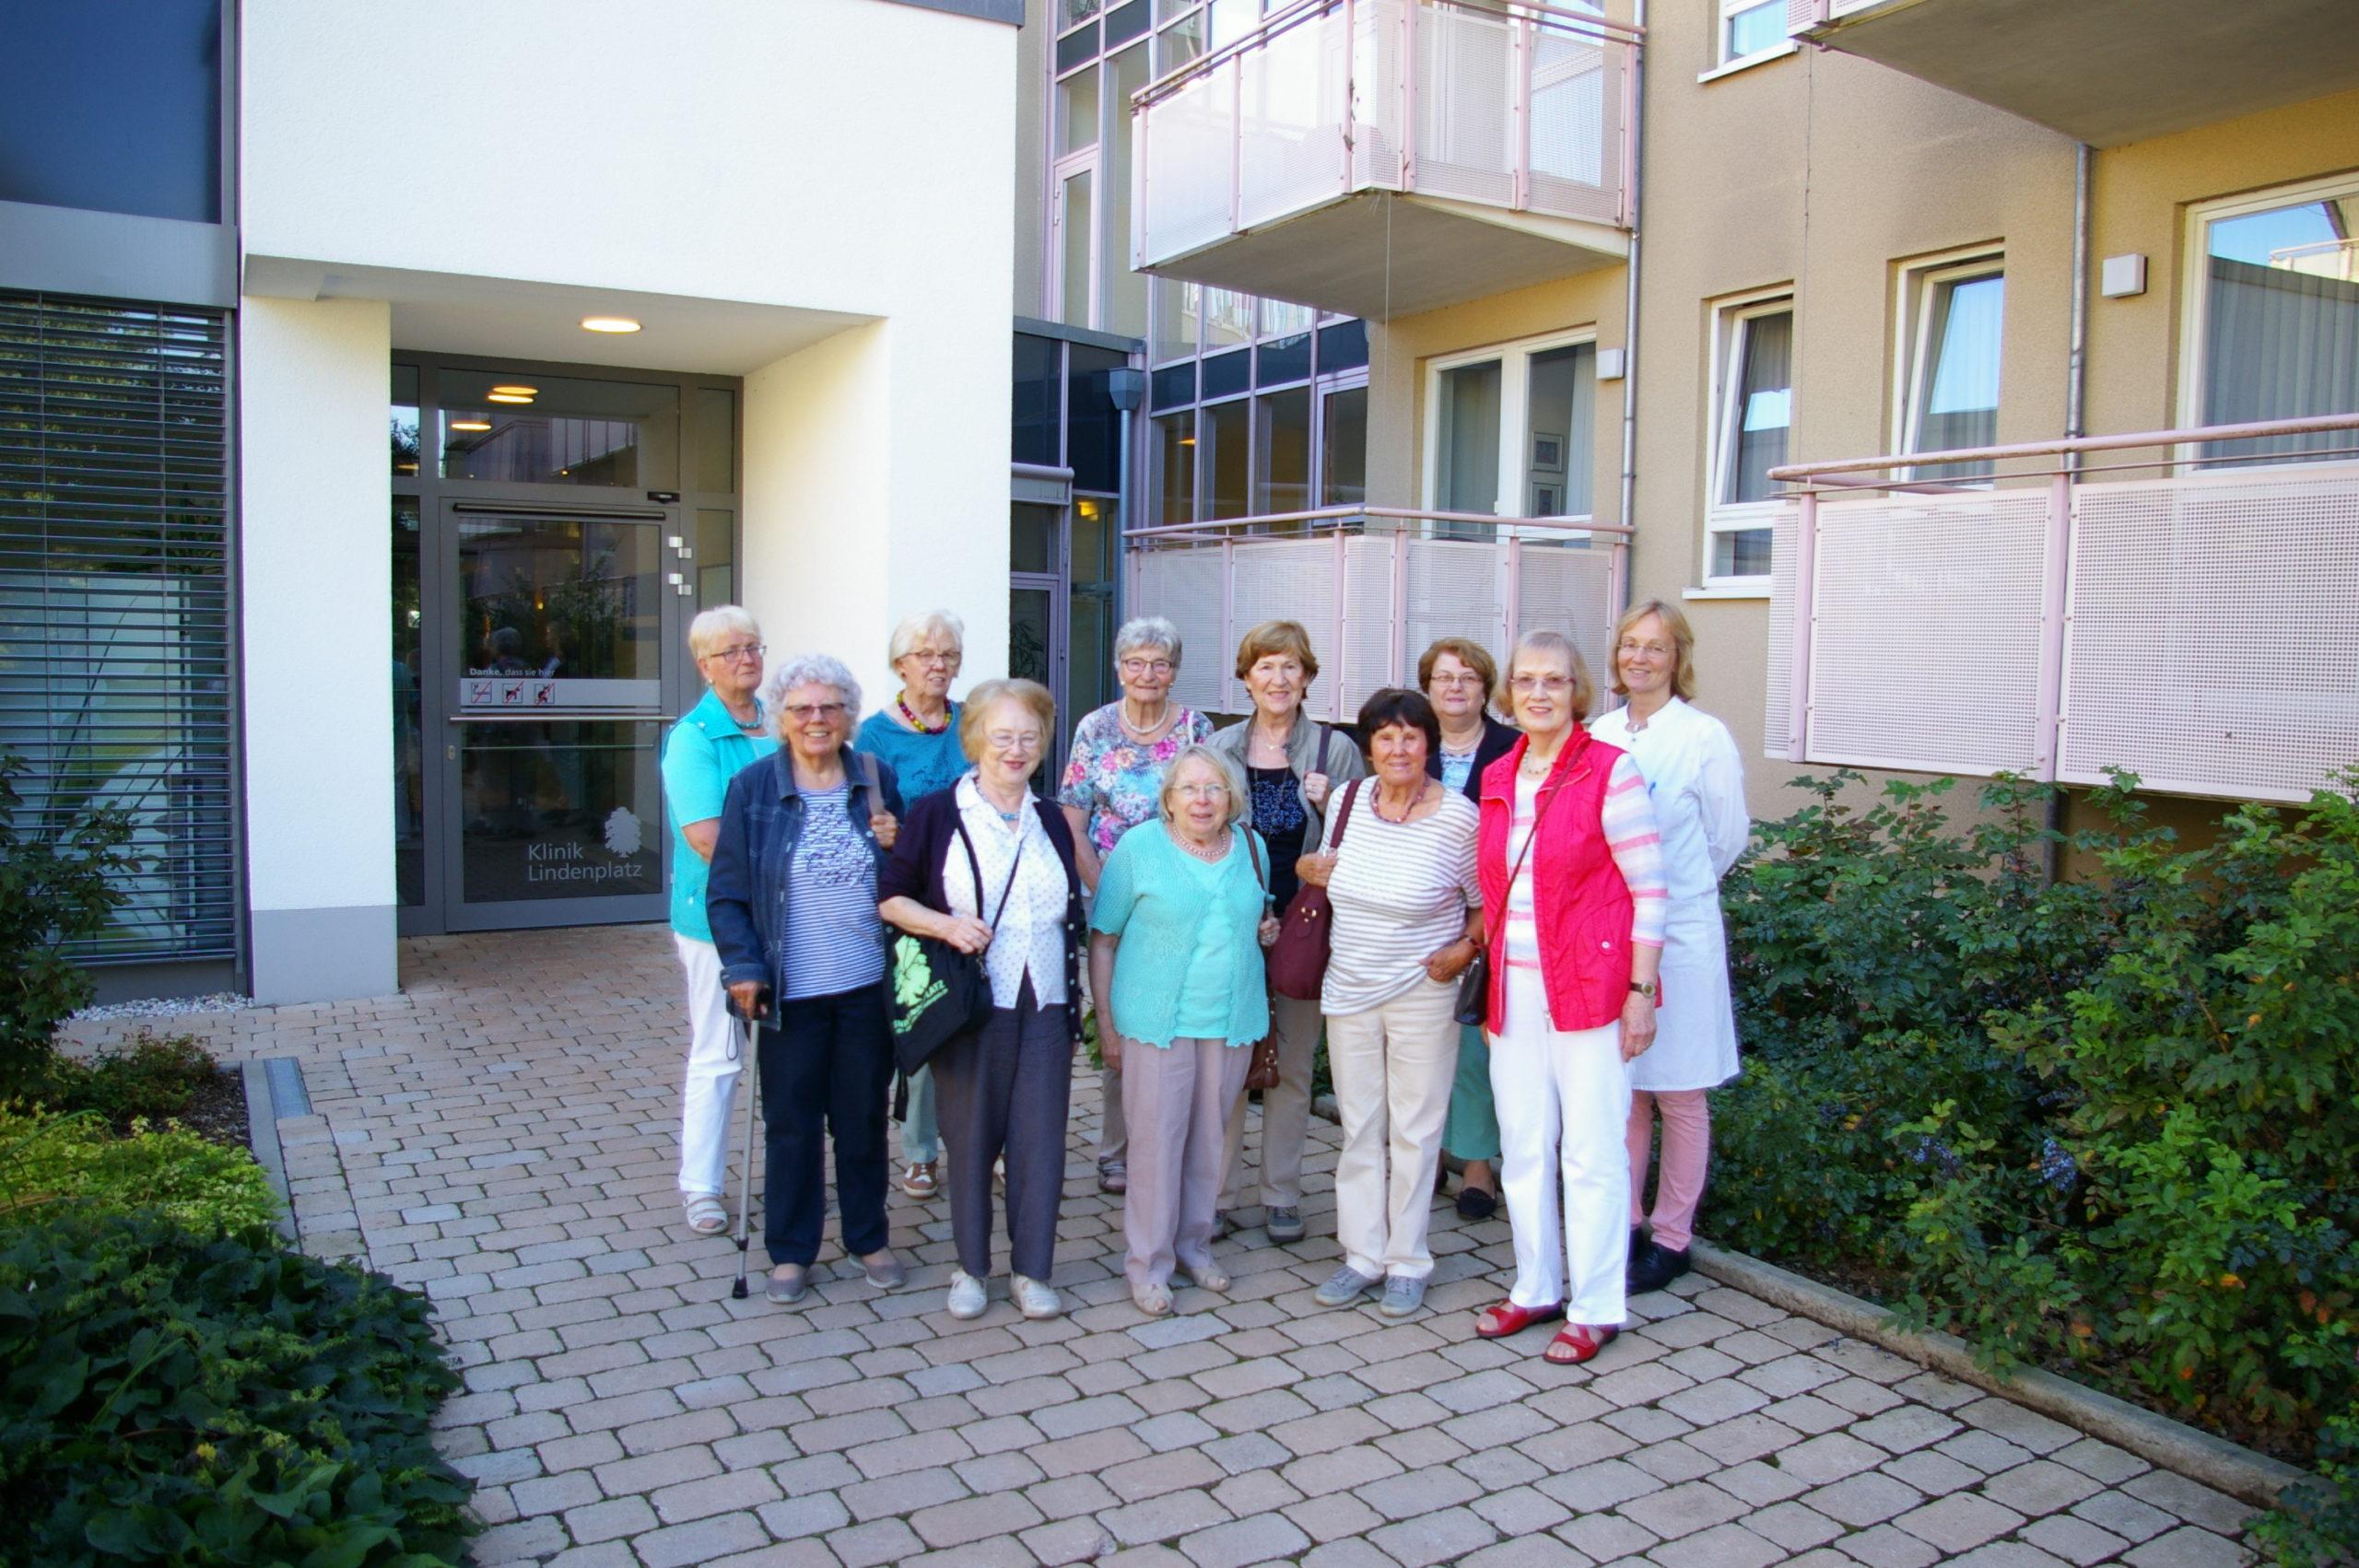 Selbsthilfegruppe Osteoporose zu Besuch in der Klinik Lindenplatz